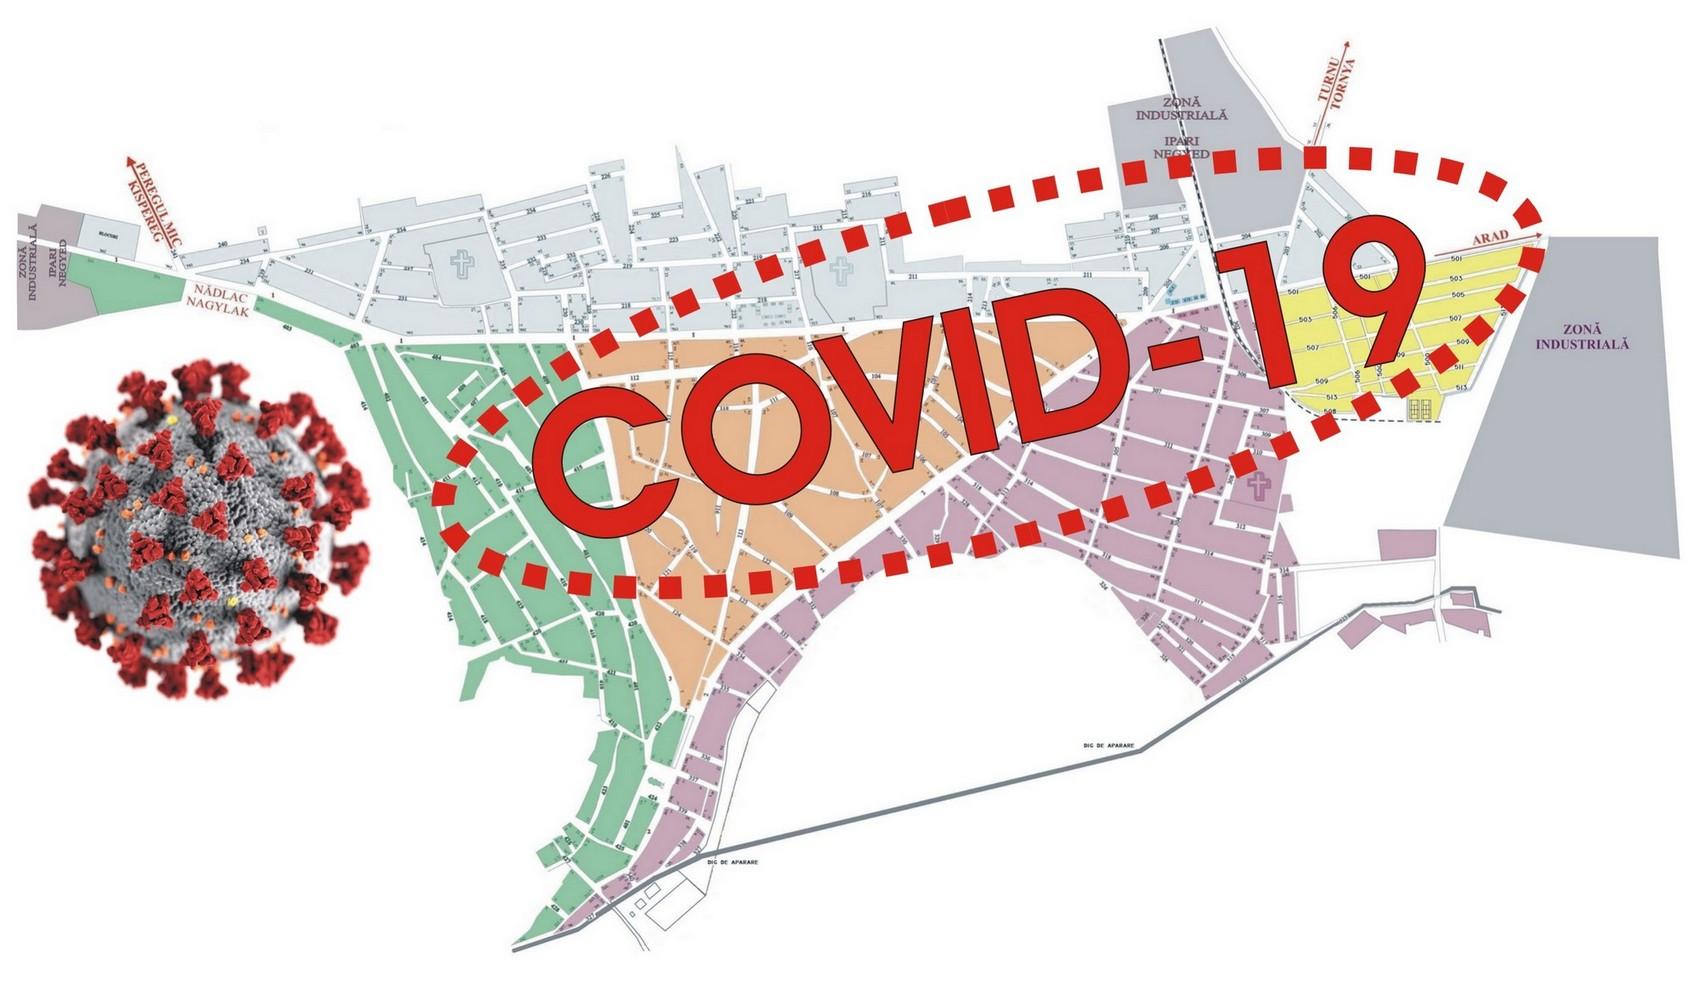 S-a dublat numărul bolnavilor de COVID-19 din Pecica